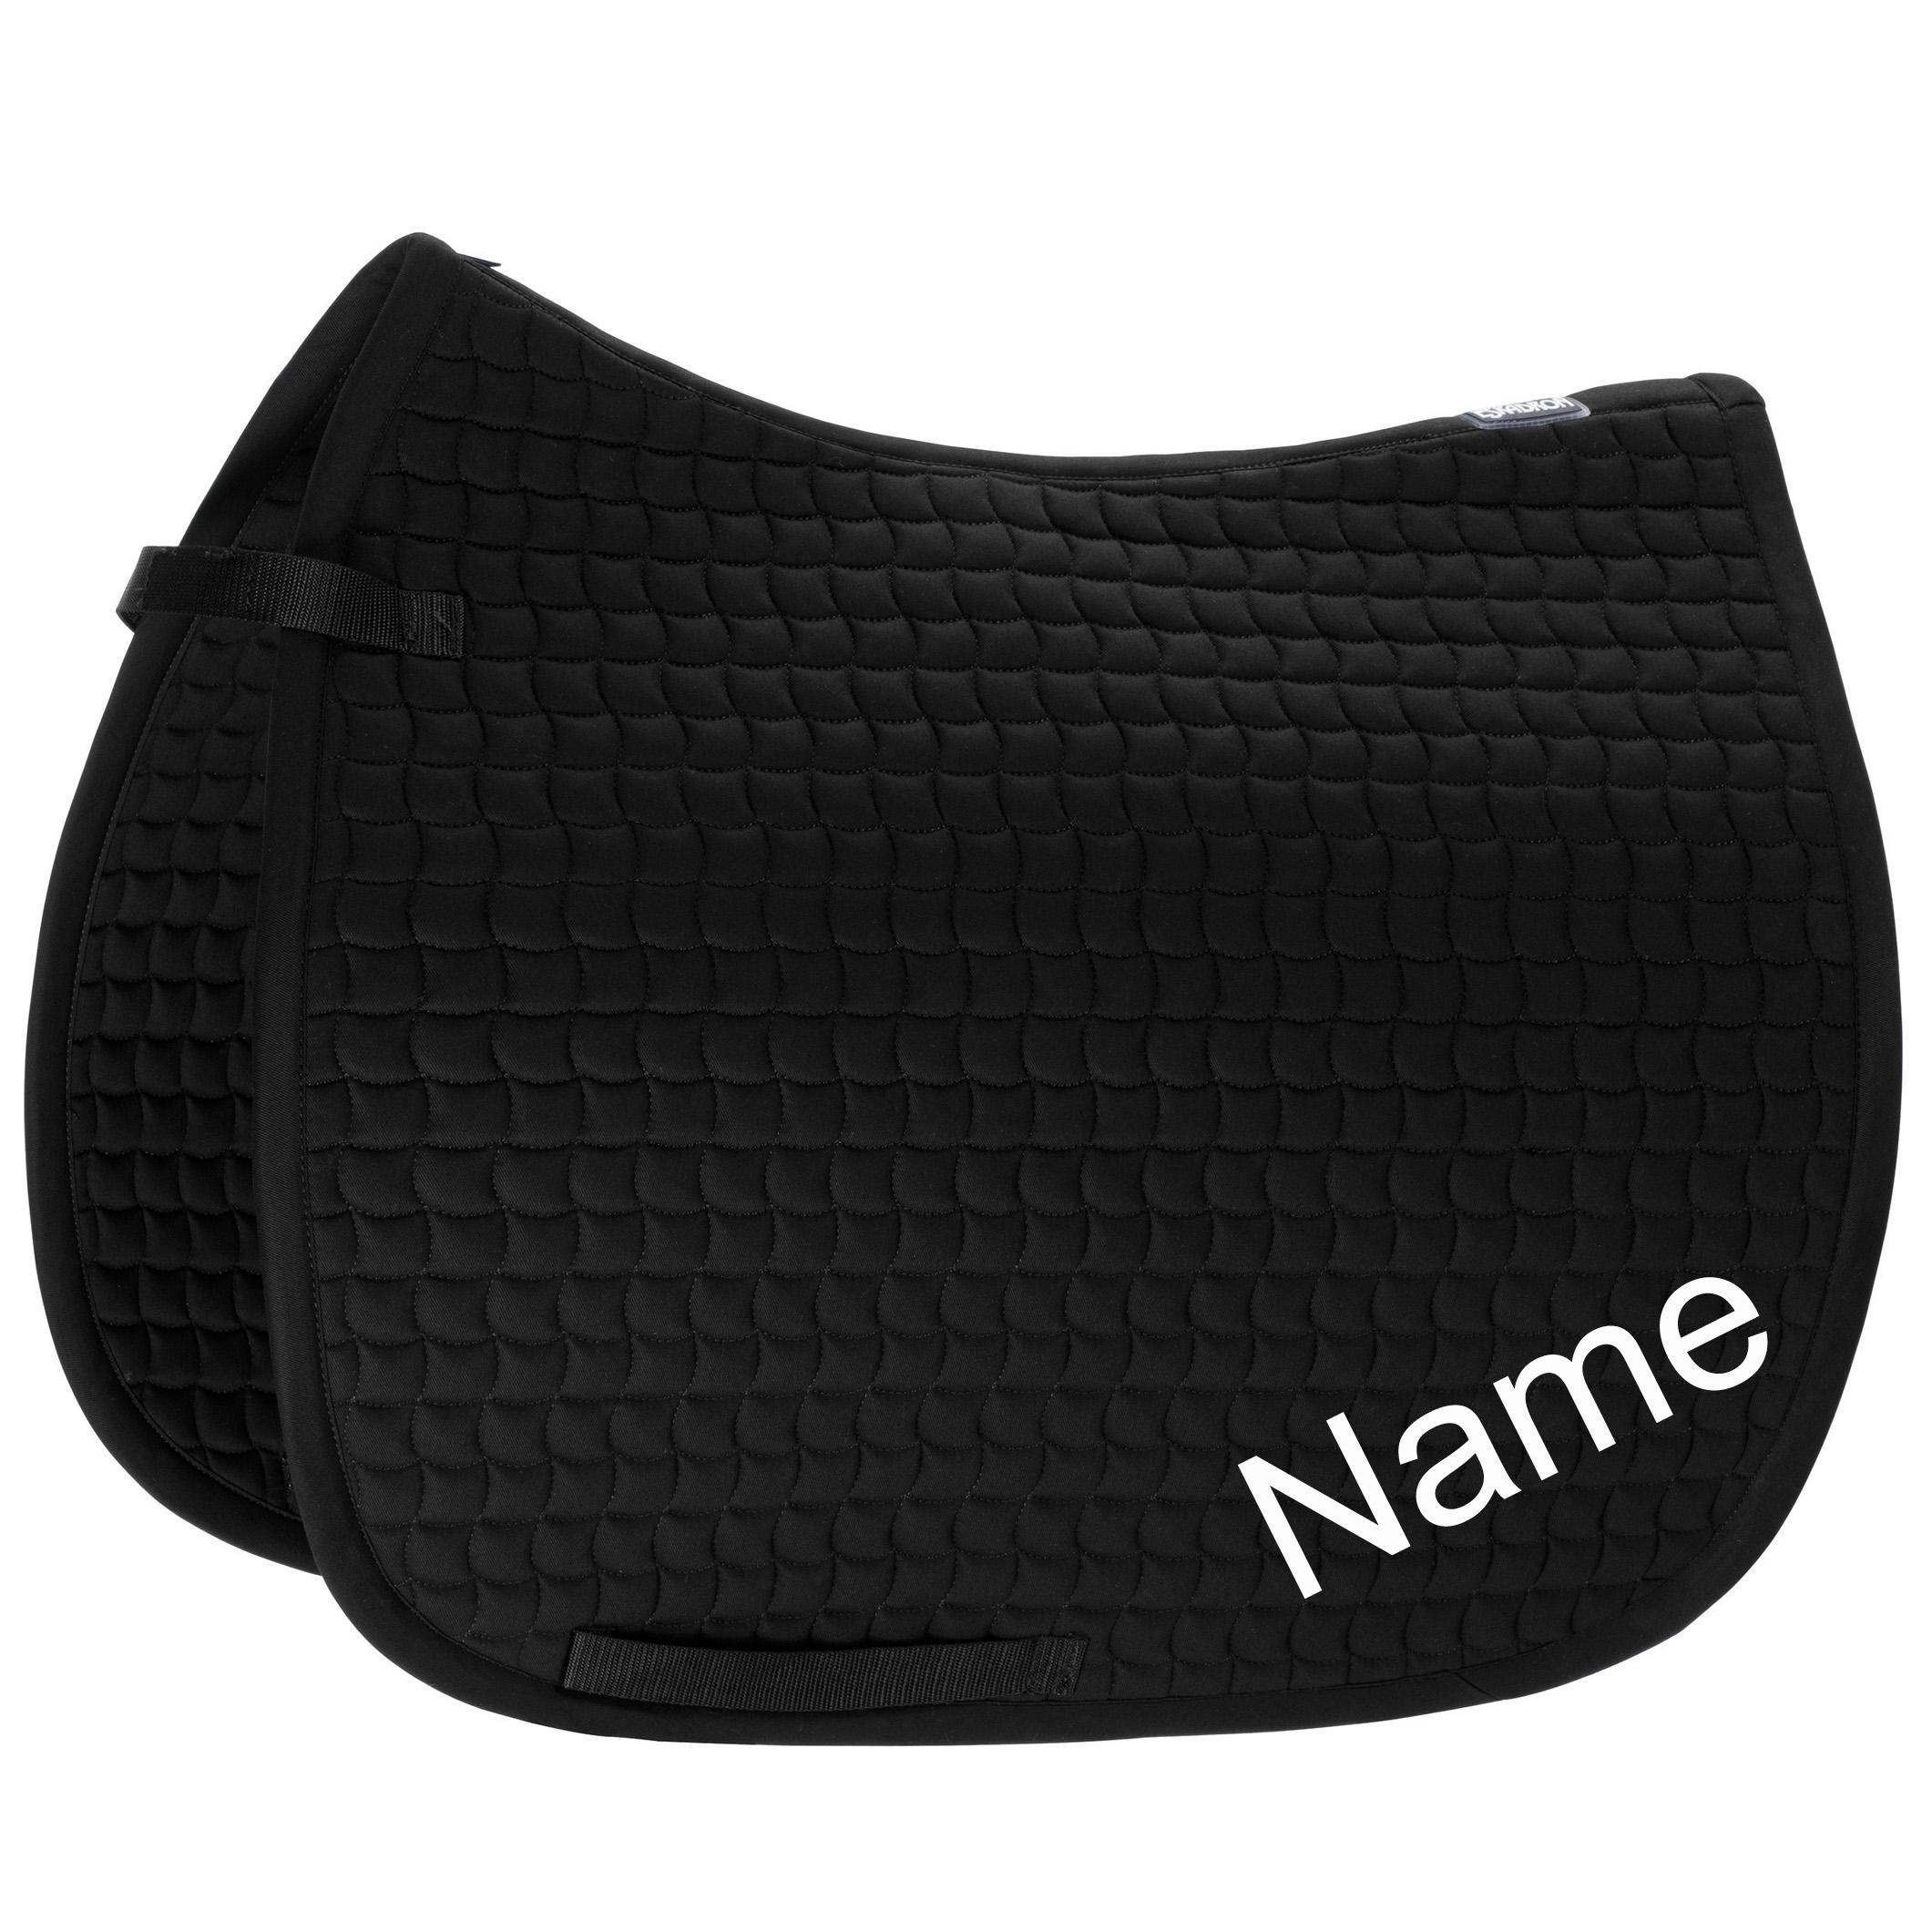 ESKADRON schwarz Cotton Dressur-Schabracke mit individuellem Namen bestickt